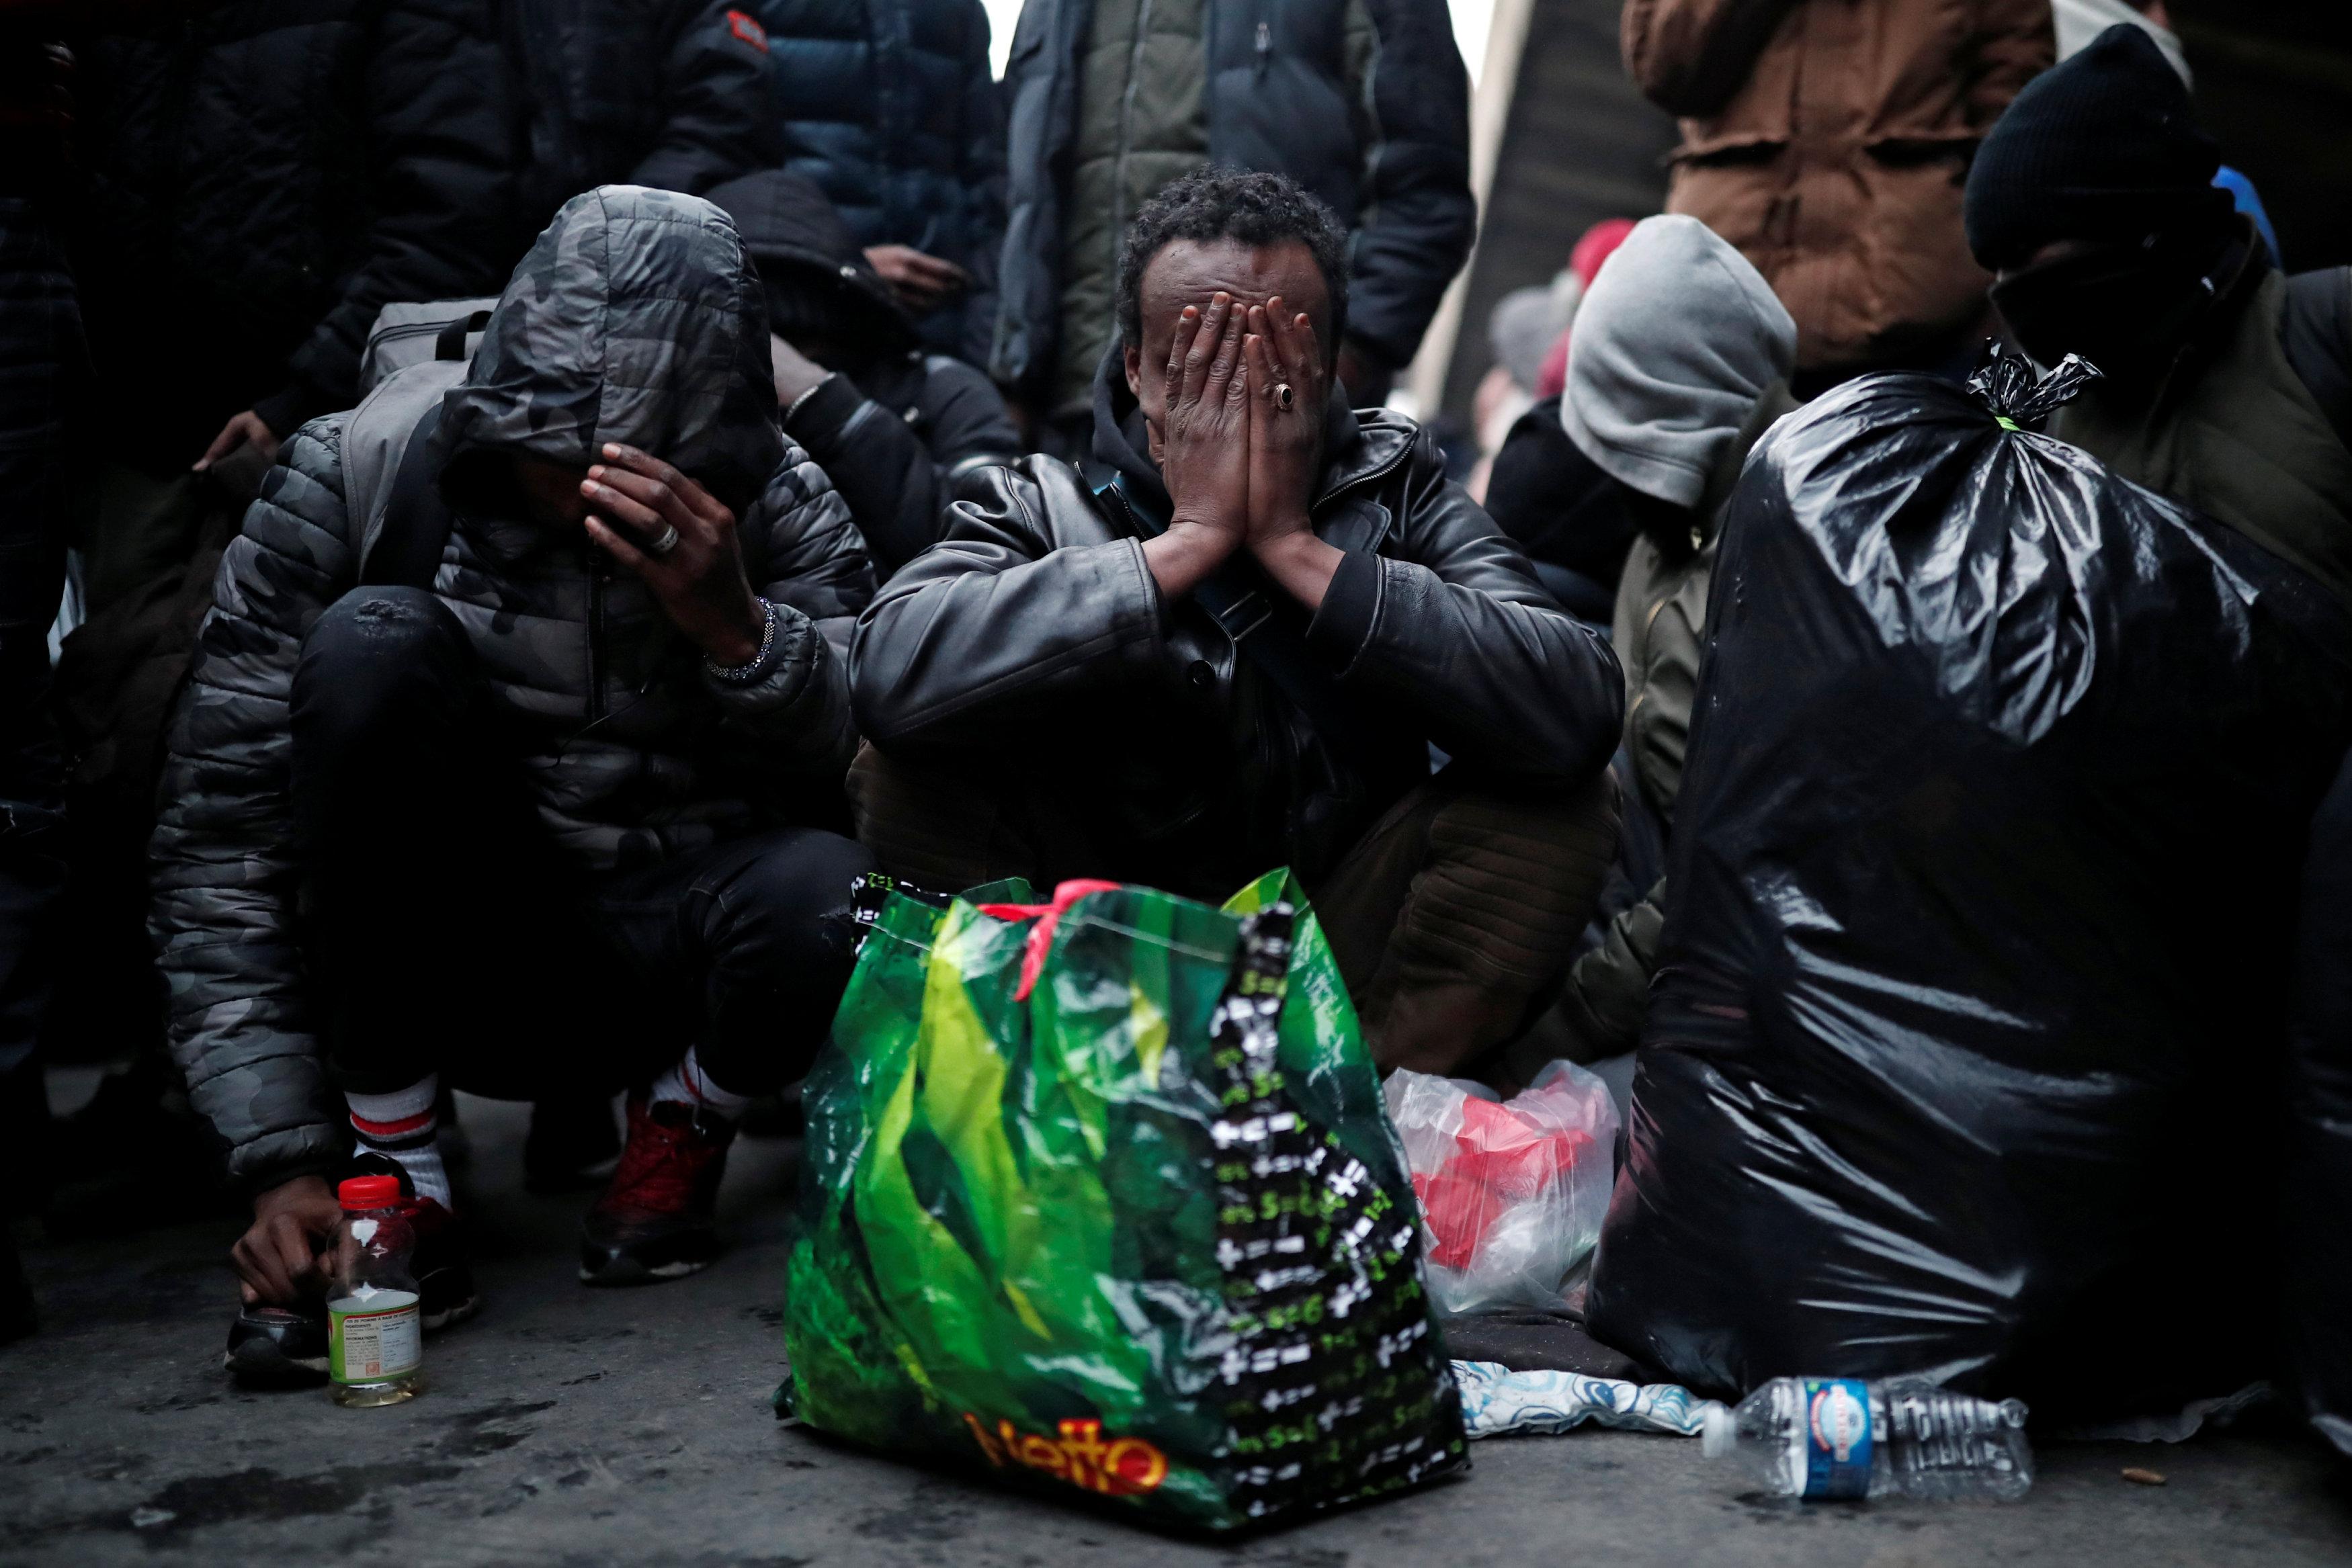 مجموعة من اللاجئين الذين تم إخلائهم